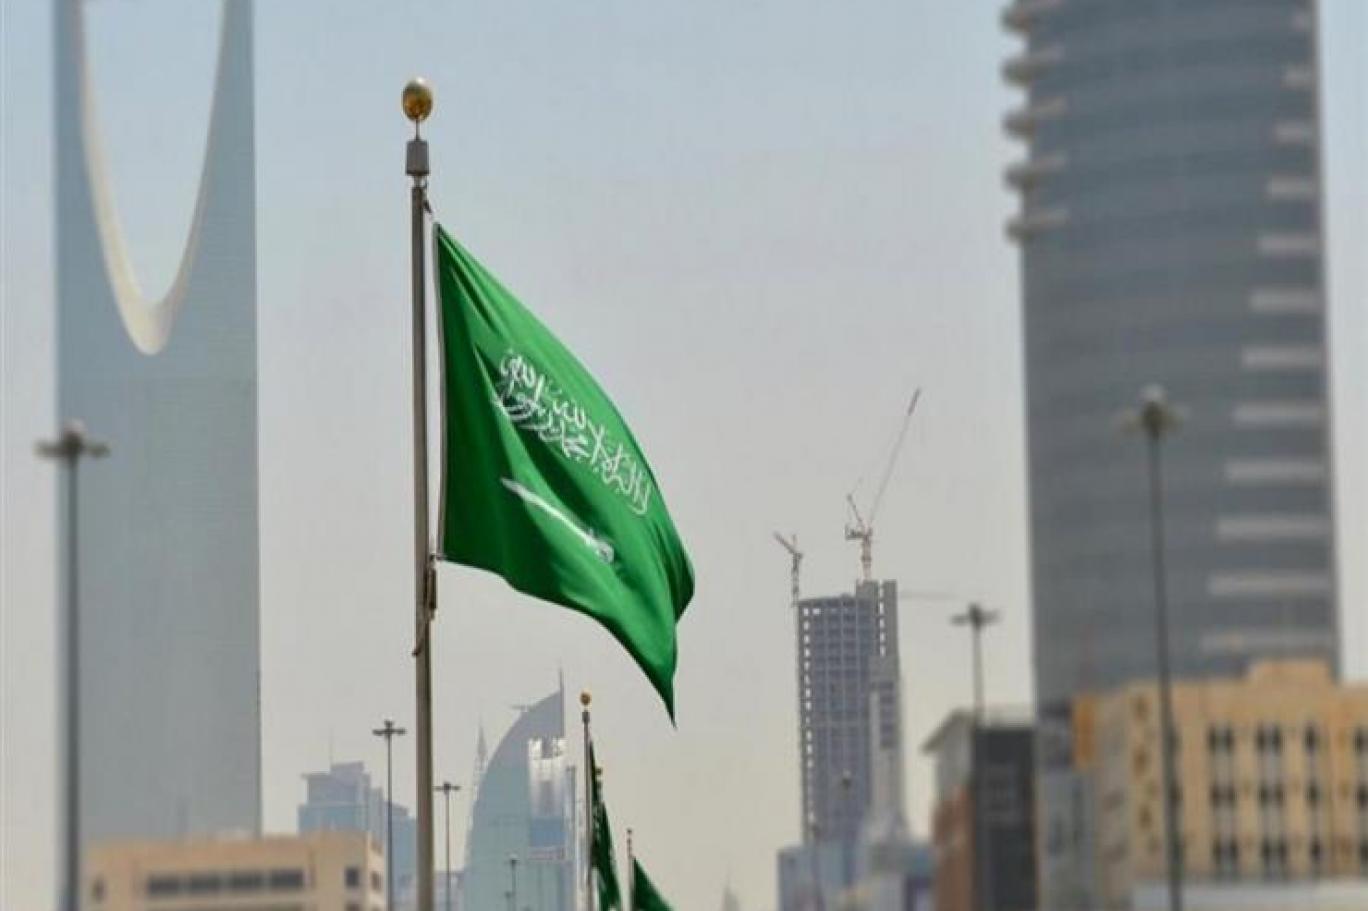 السعودية تفرض 10 آلاف ريال غرامة على المخالفين في هذا المكان خلال شهر رمضان